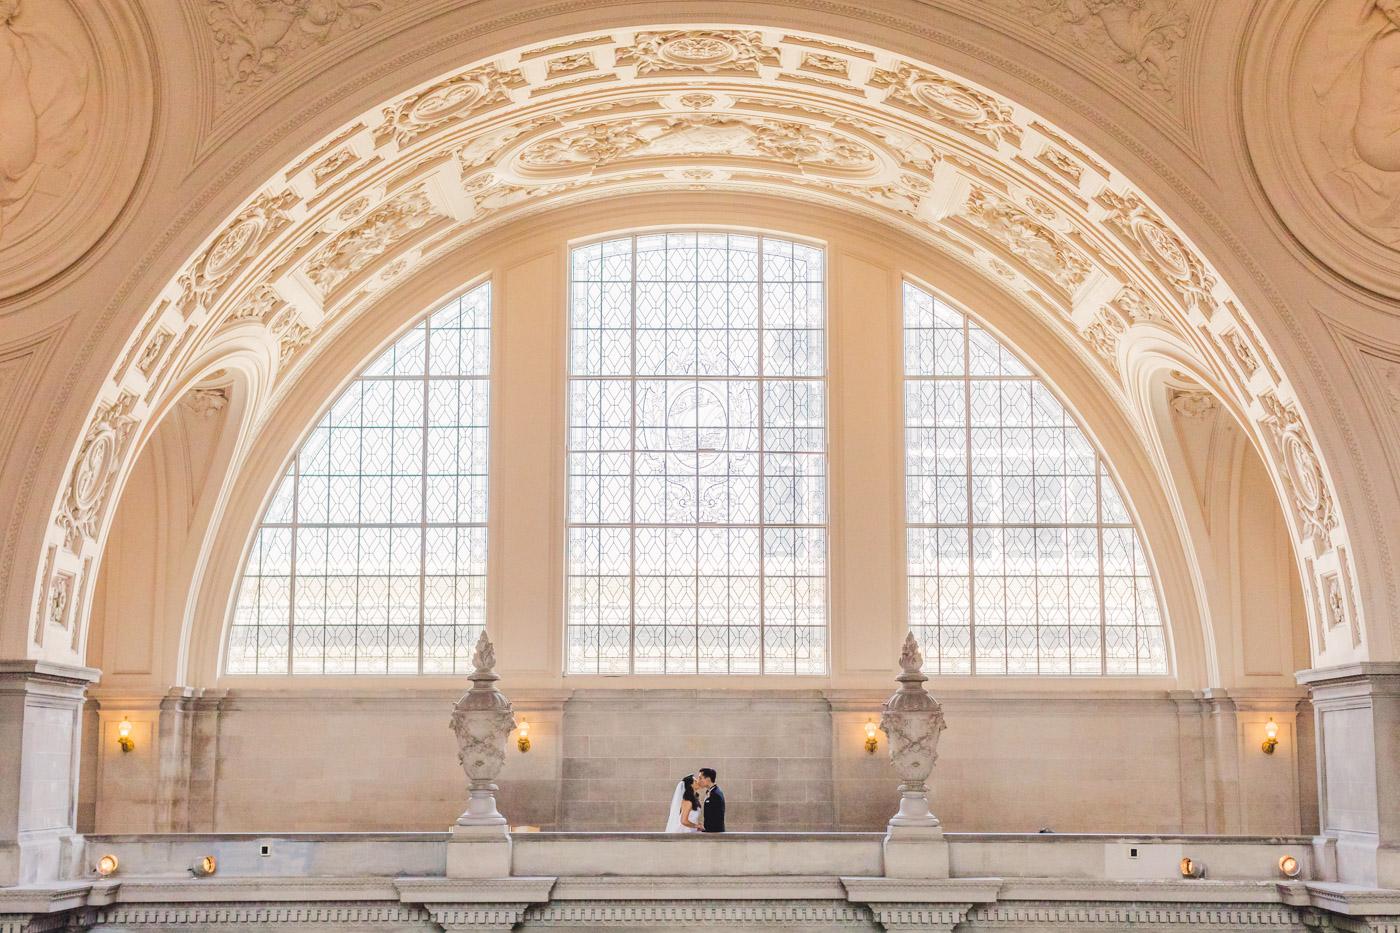 sf-city-hall-gallery-wedding-portrait